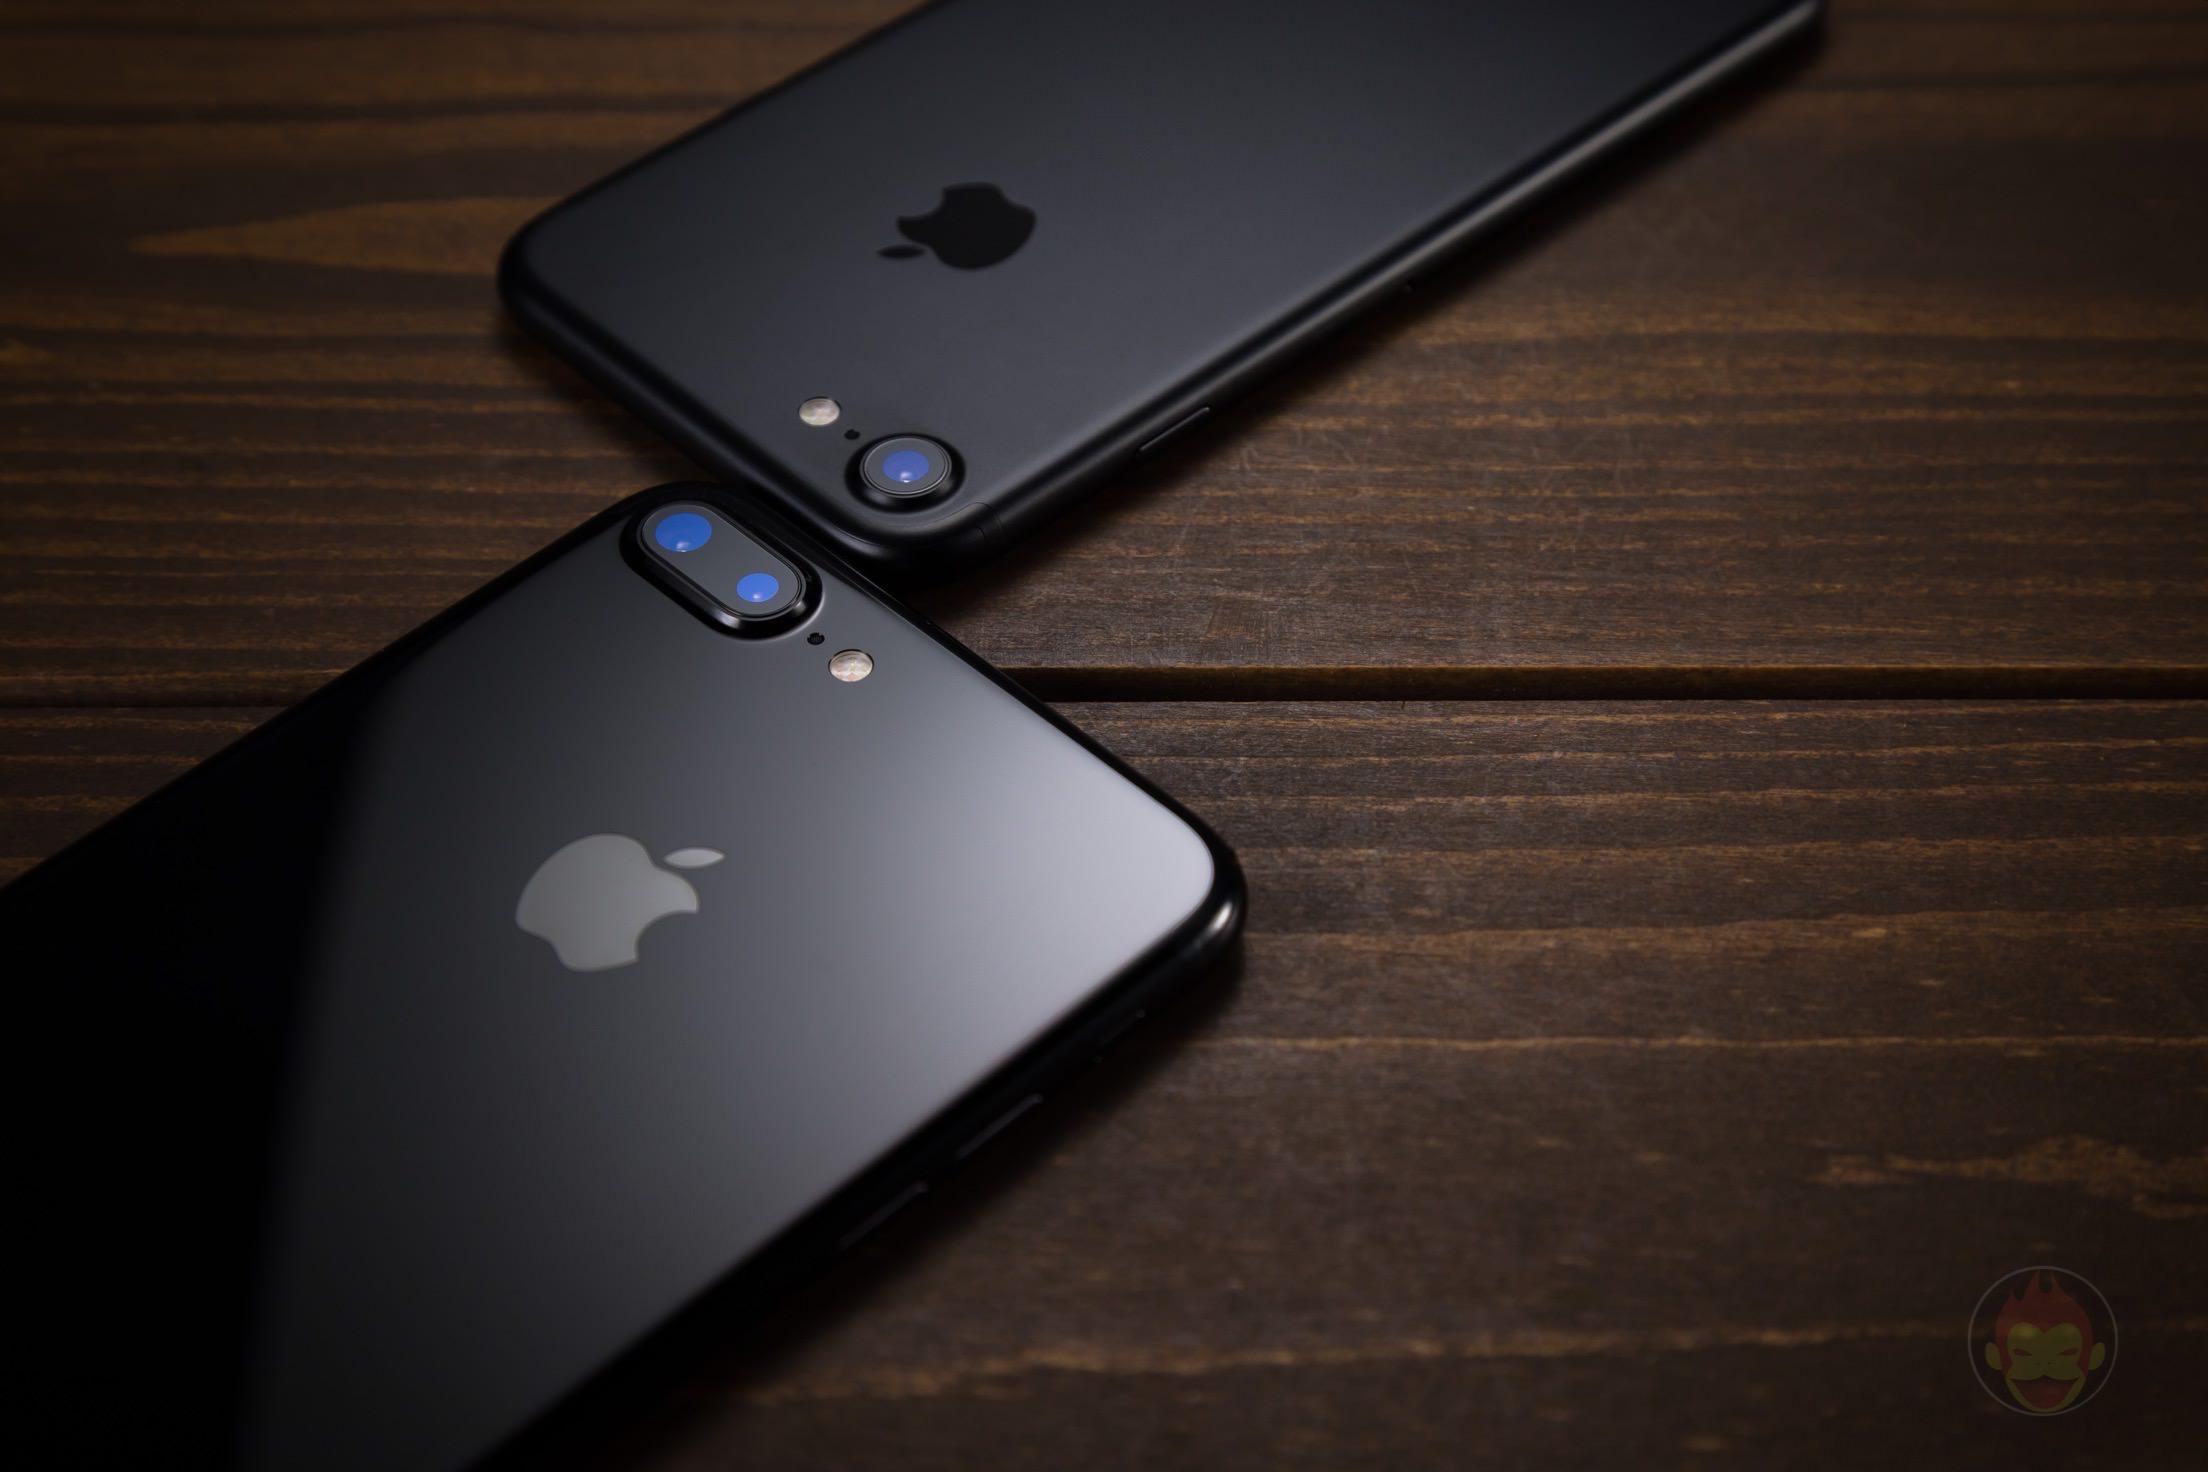 iPhone-7-Plus-7-Comparison-02.jpg